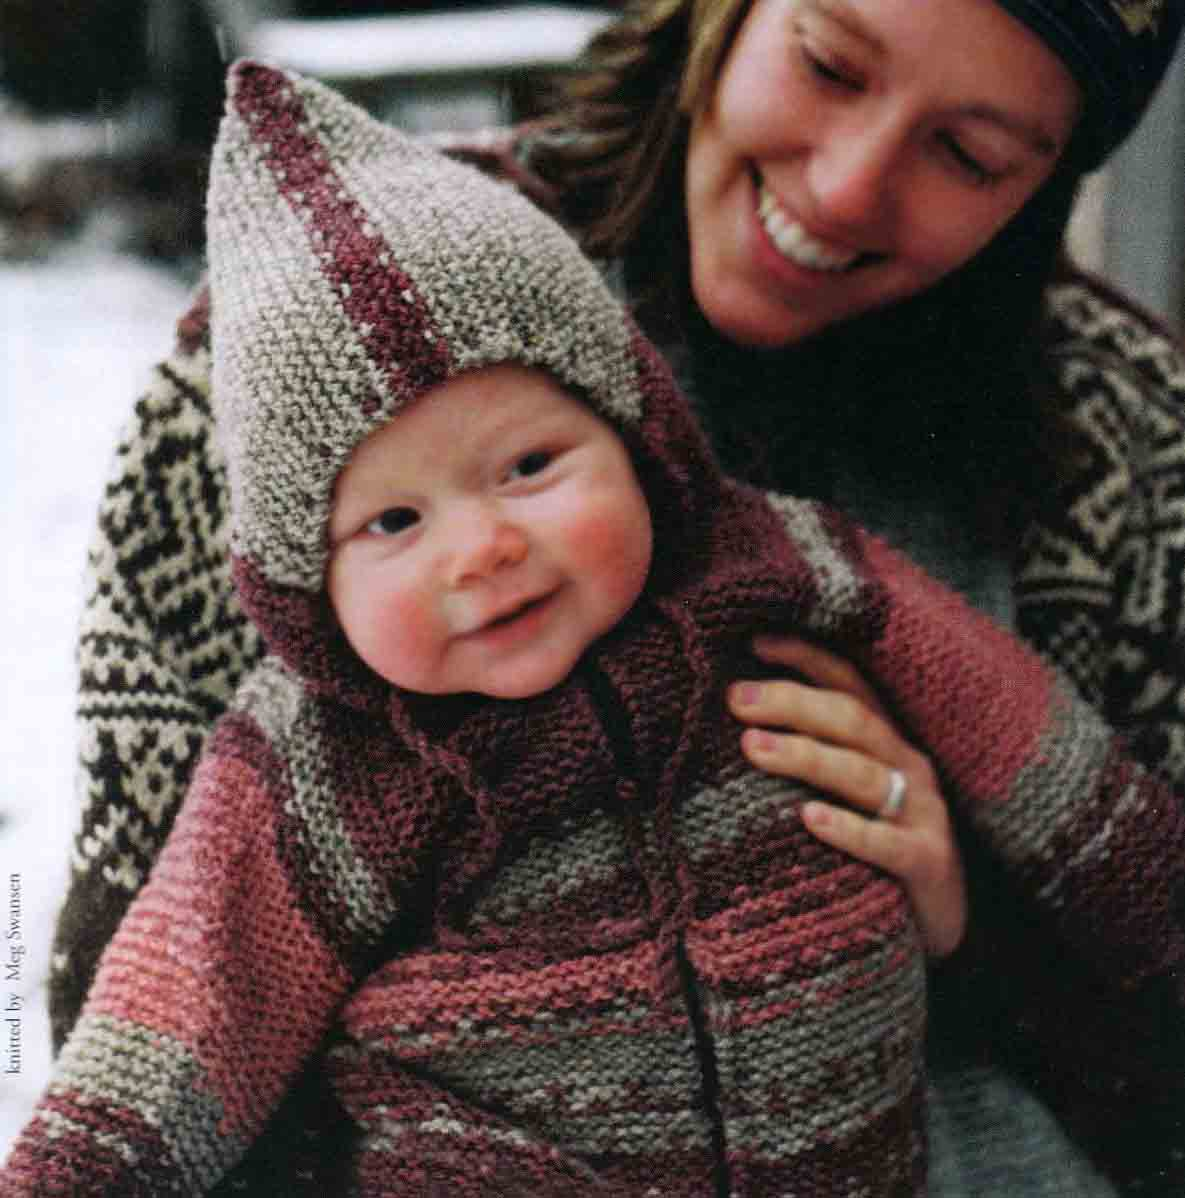 Томтен жакет, вязание детям, кофта для малыша, Элизабет Циммерман, Elizabeth Zimmermann, вяжите с нами,вяжем вместе, жакет для ребенка, кофта для ребенка, вязаные модели для детей